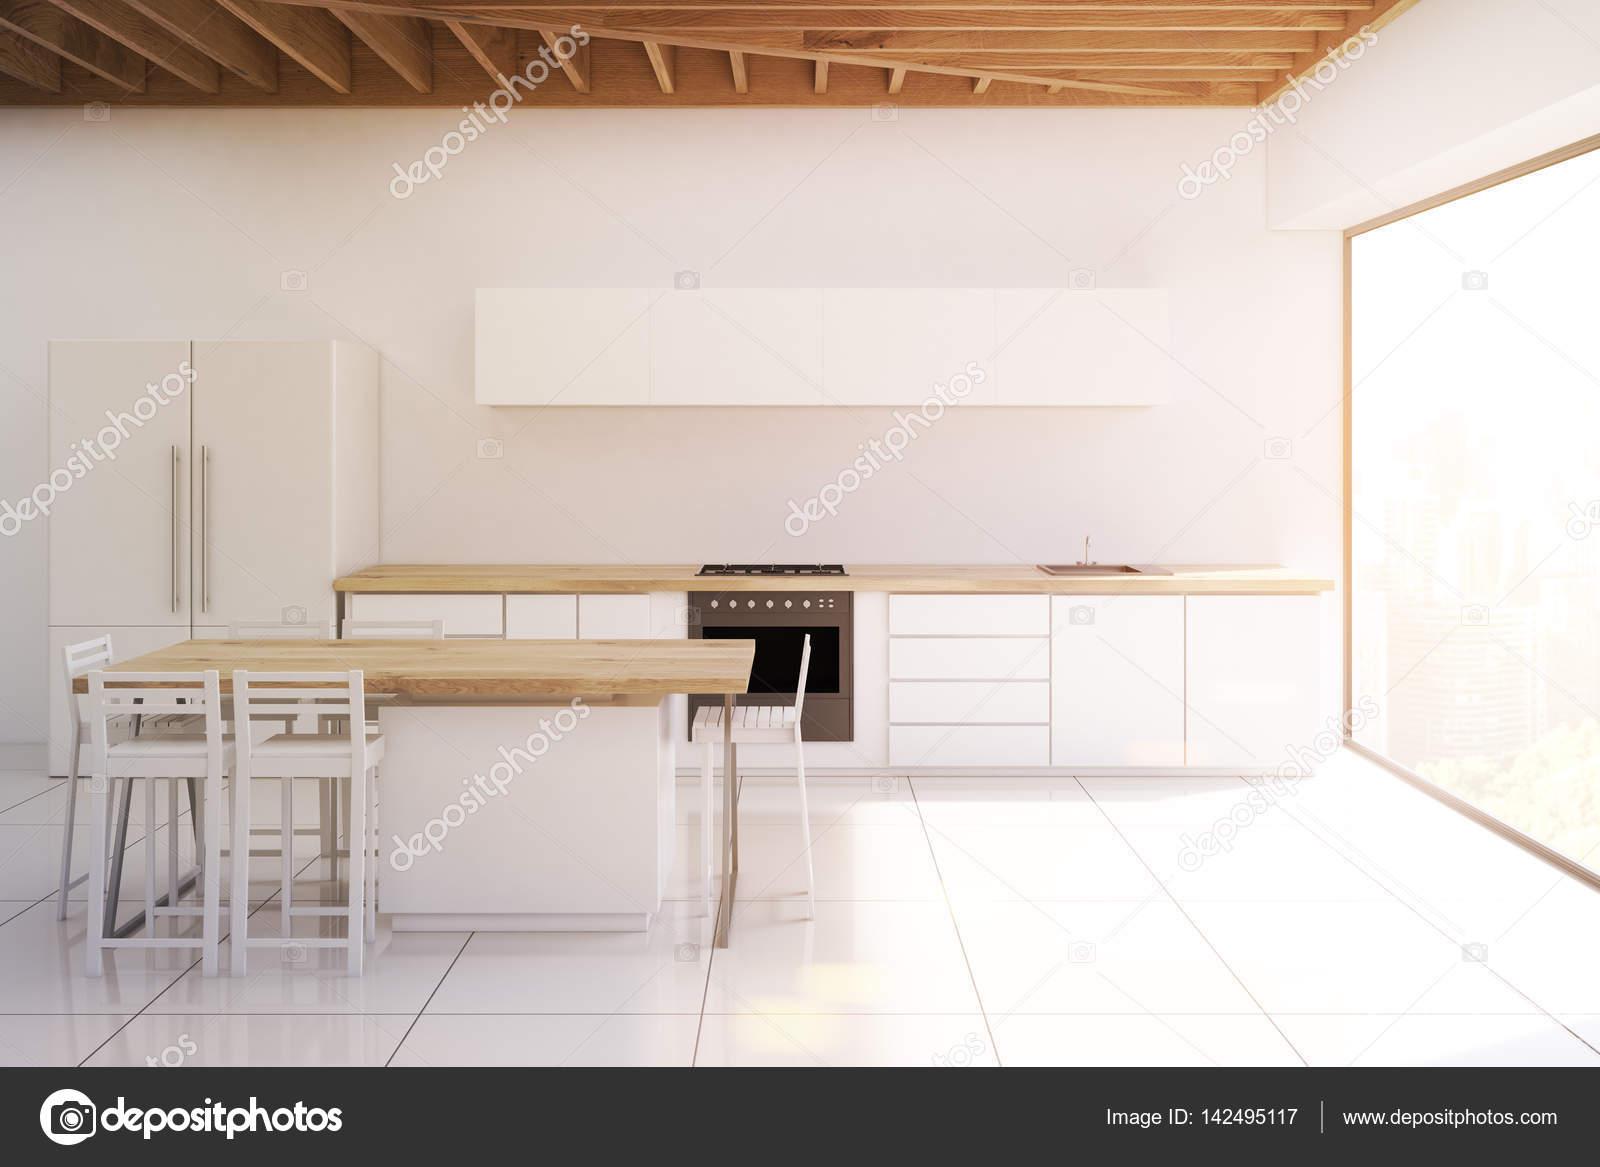 Cozinha Com Tecto De Madeira Quadro Estreito Em Tons Stock Photo